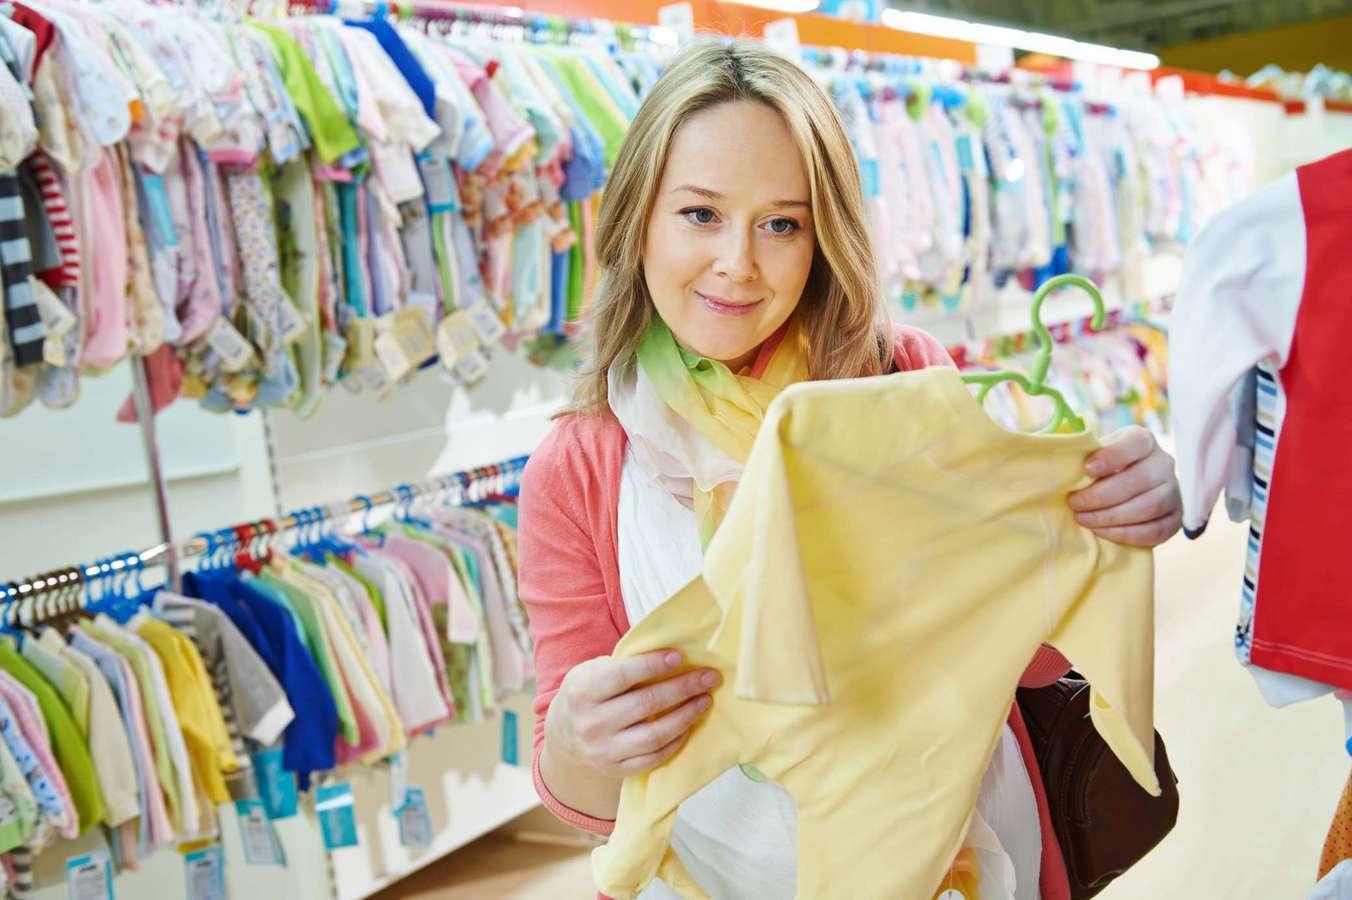 Если вы увидели какую-либо одежду крохи, то нужно вспомнить ее состояние, цвет, примерный размер.